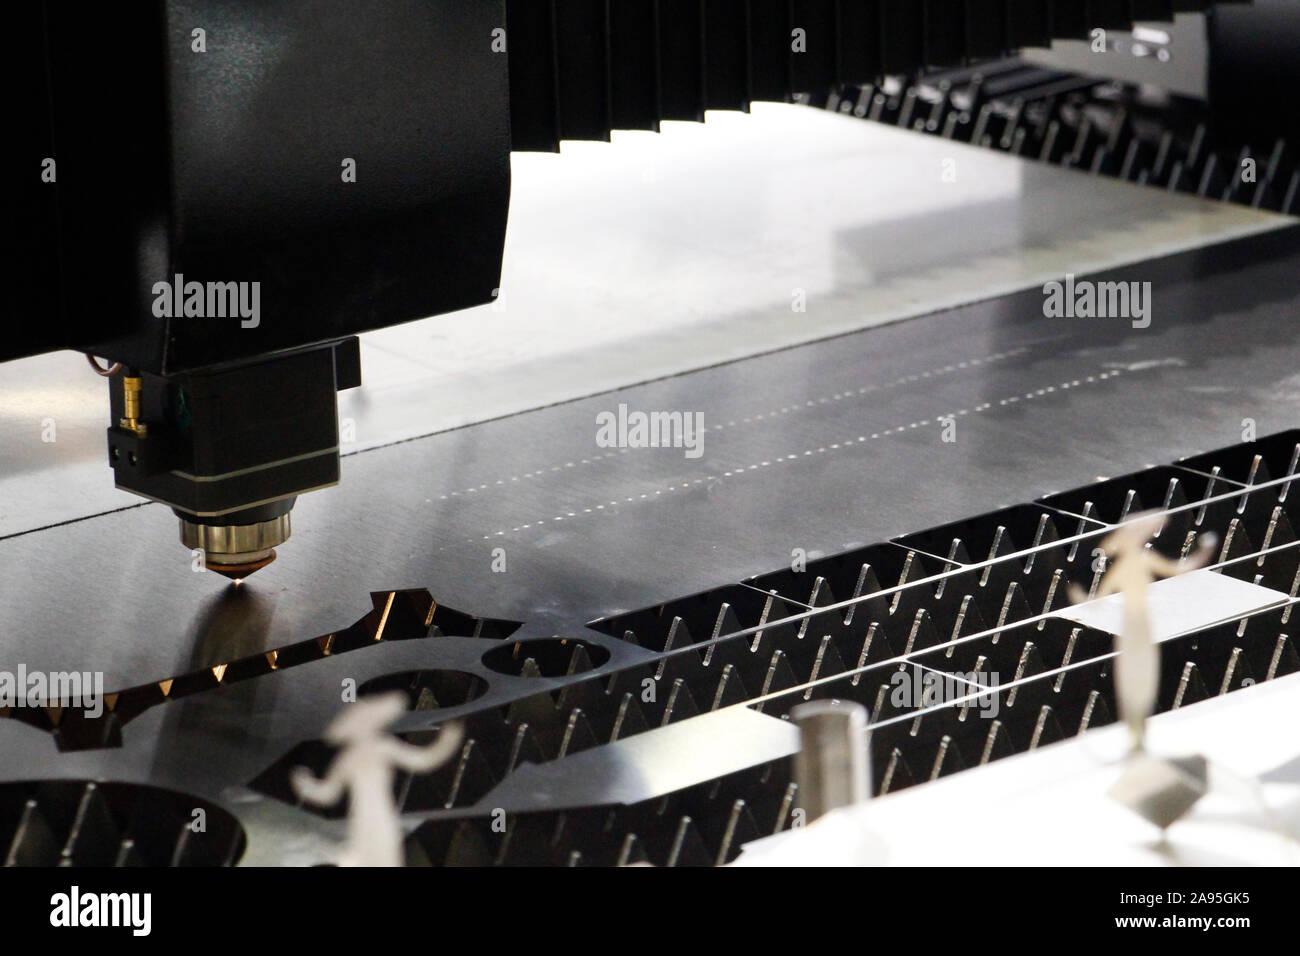 Macchina Laser per il metallo. Sistema di controllo CNC. Potente laser industriali cutter in una fabbrica. Il laser di fibra macchina progettata per il taglio di lamiere sottili. Foto Stock